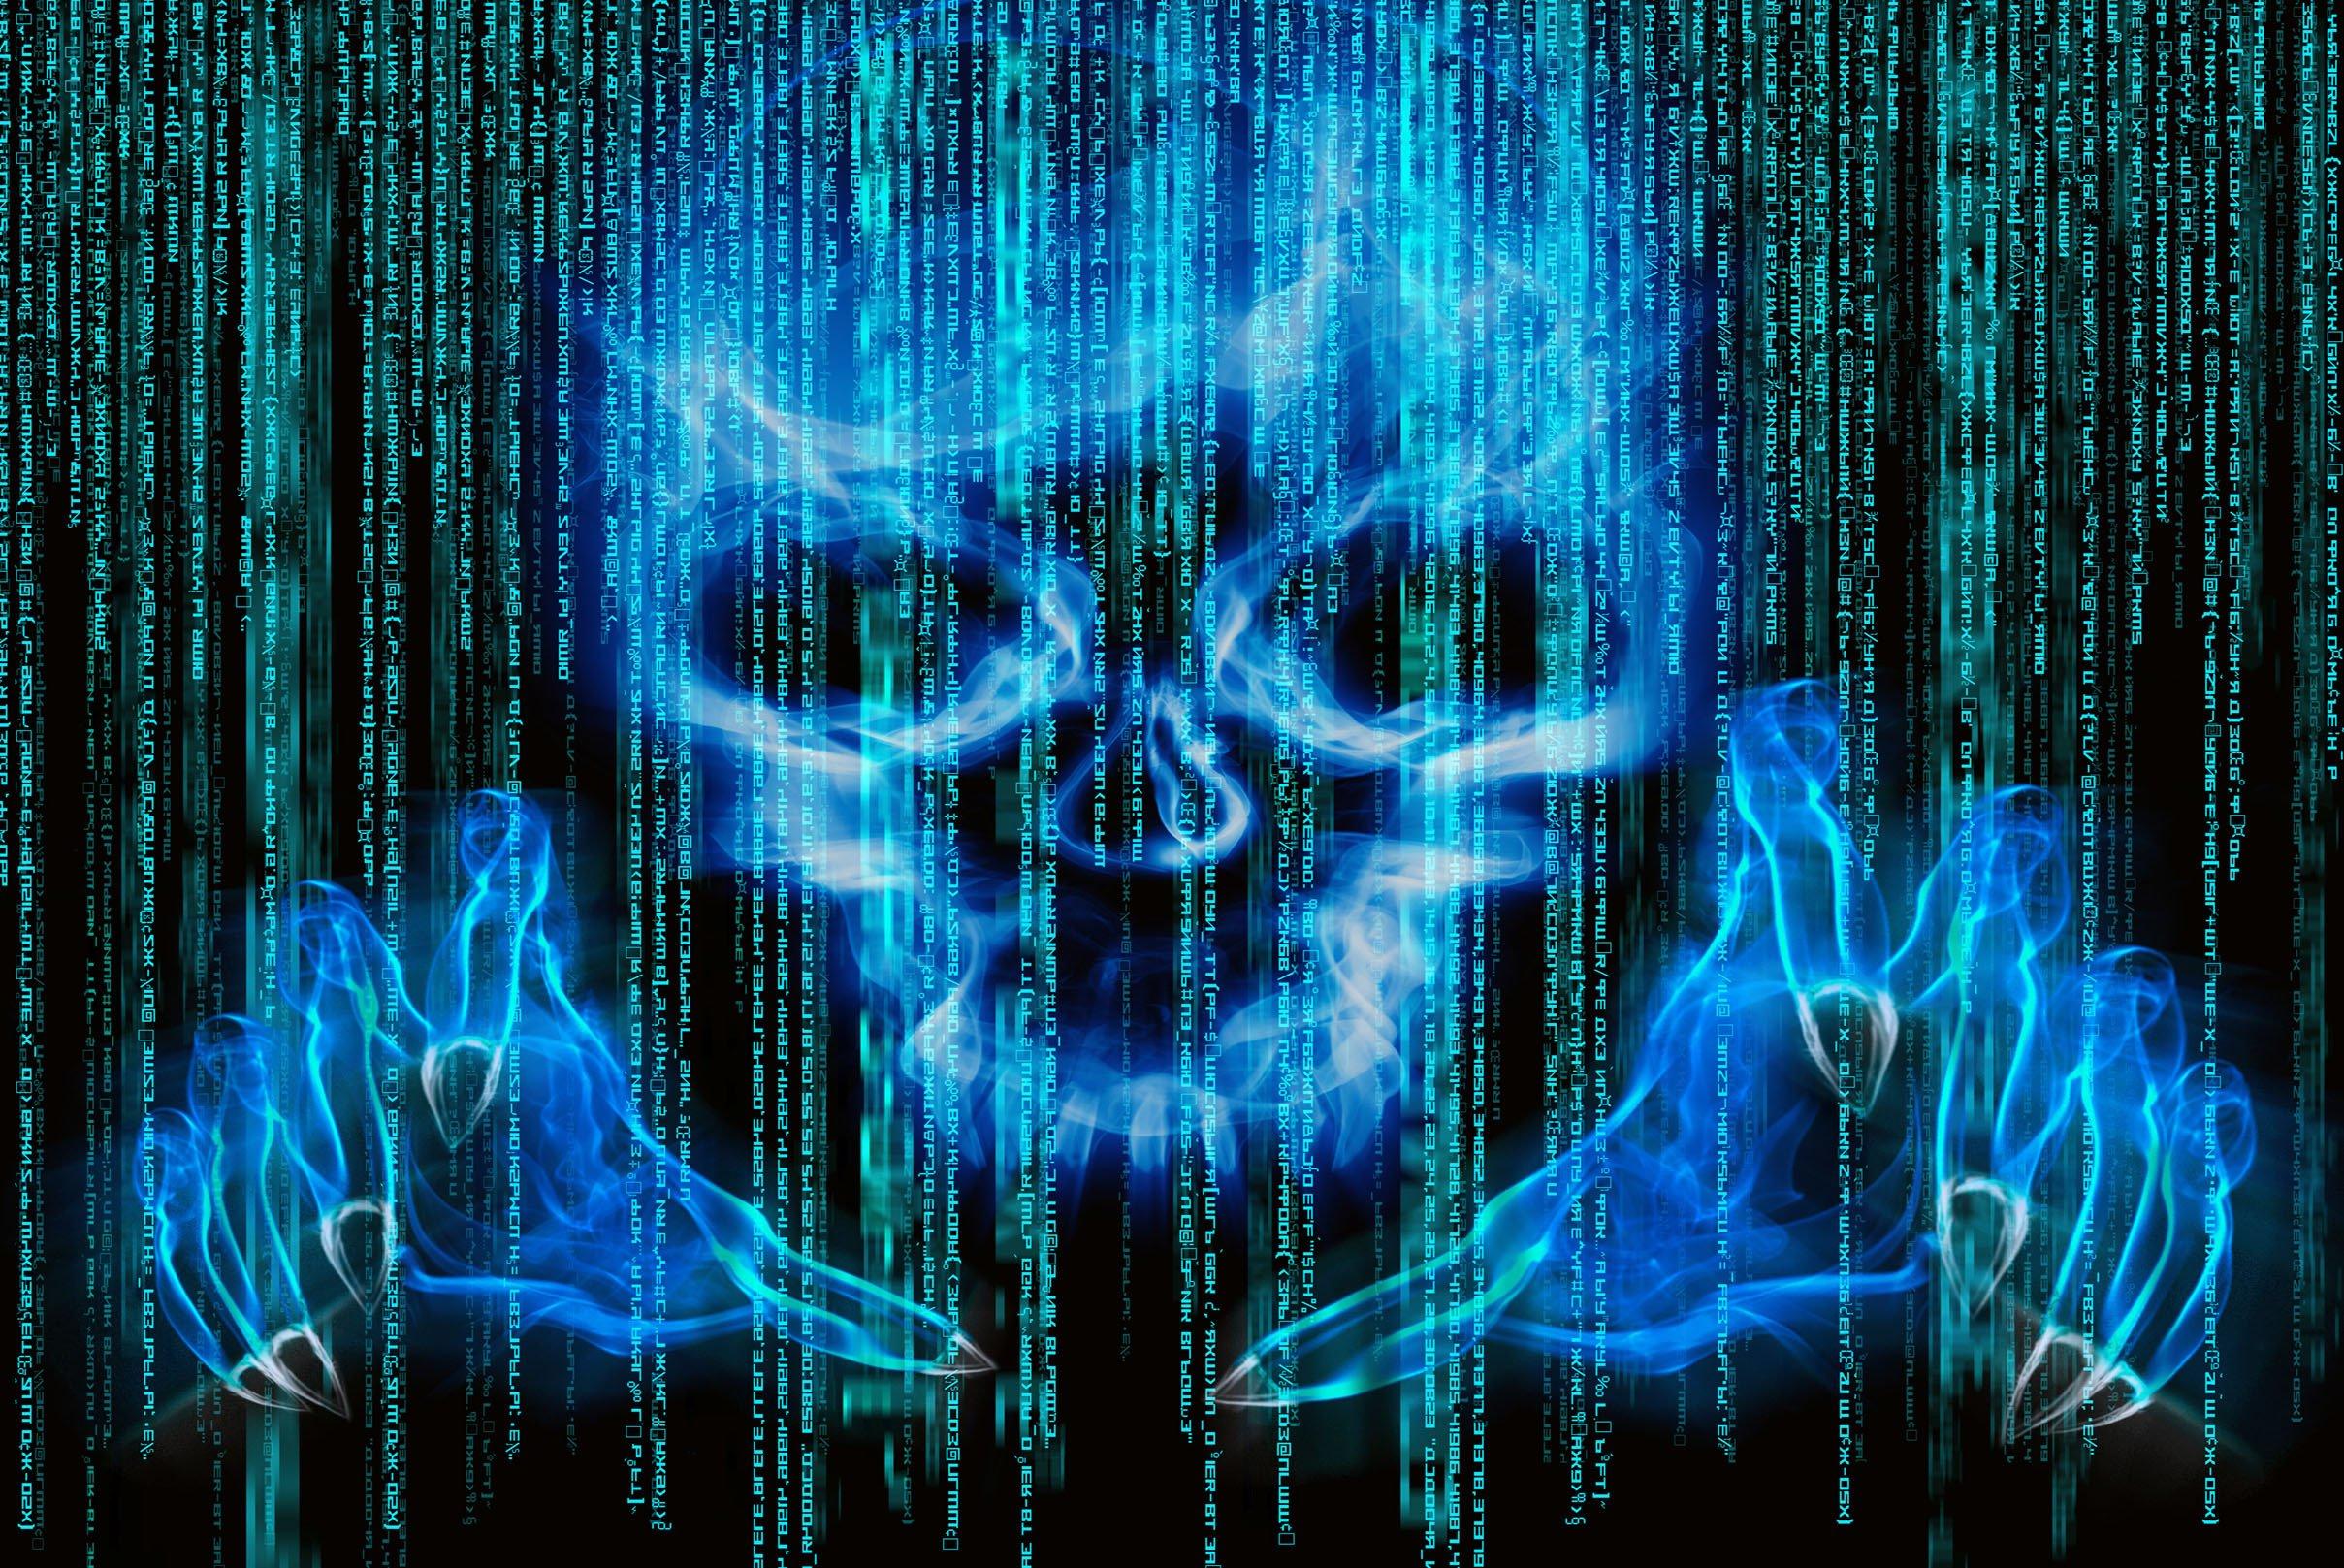 cyber hacker hacking virus dark sadic internet wallpaper background 2417x1617